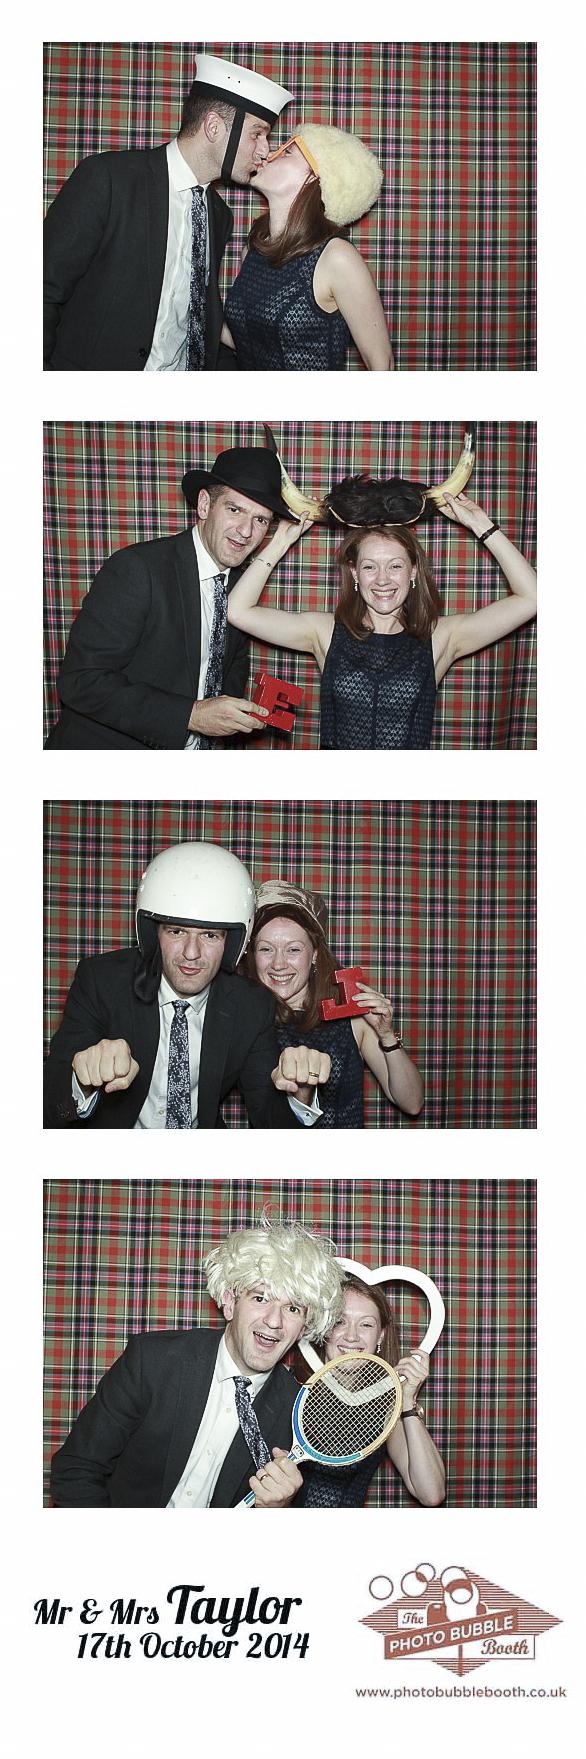 Mr & Mrs Taylor 17th October _21.jpg